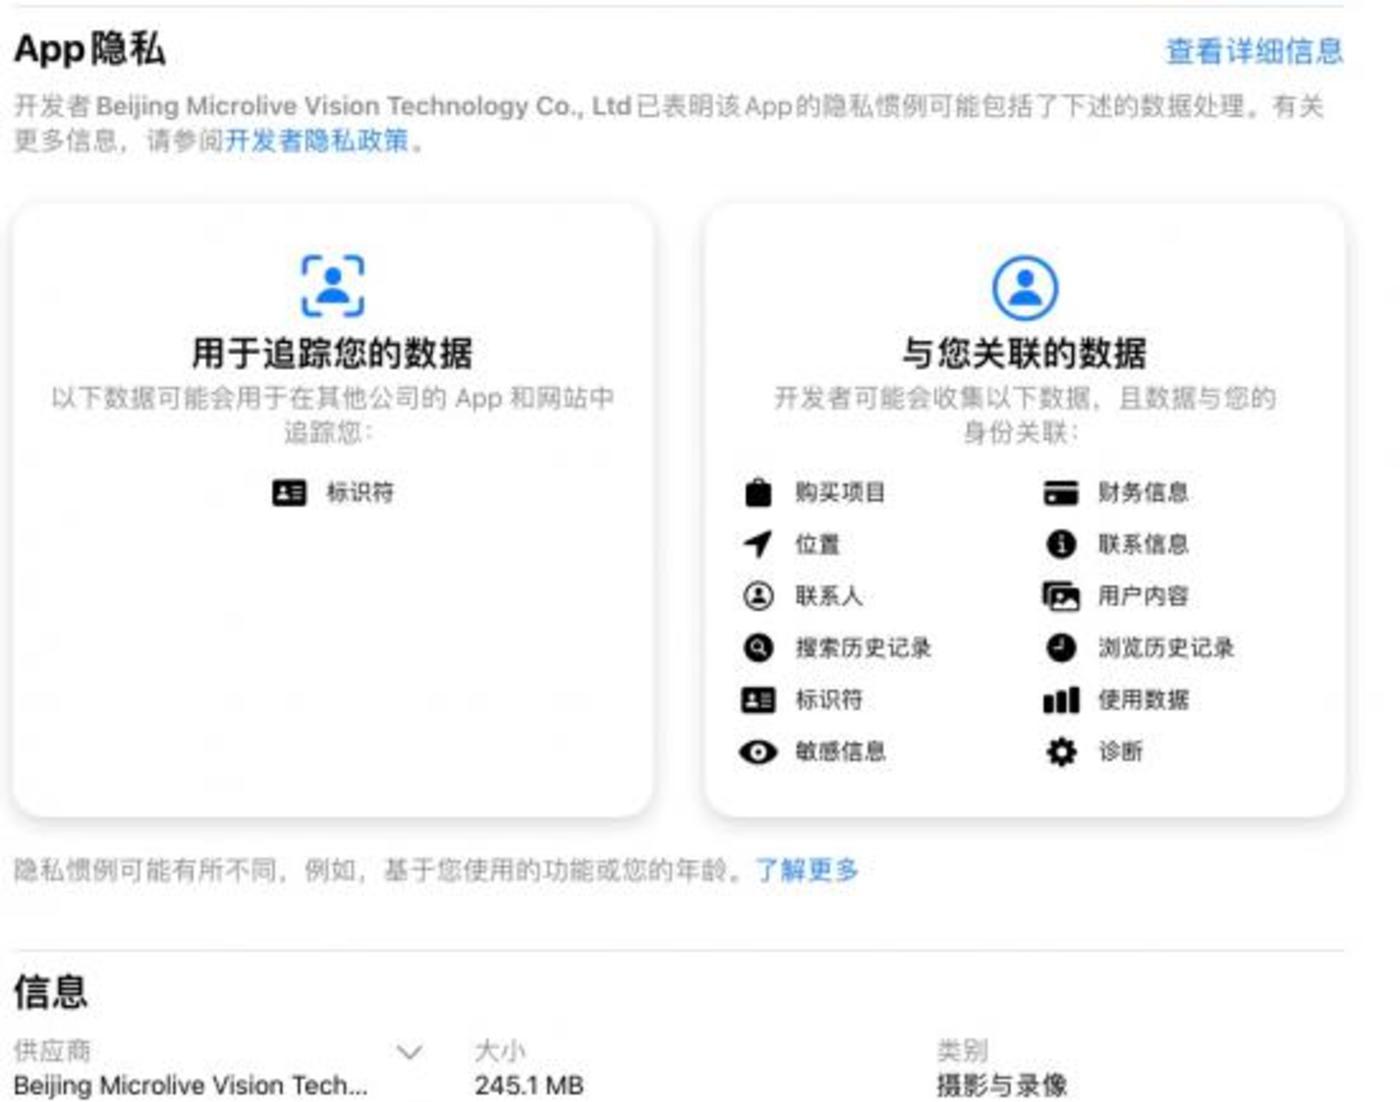 抖音App提供了详细的App隐私内容